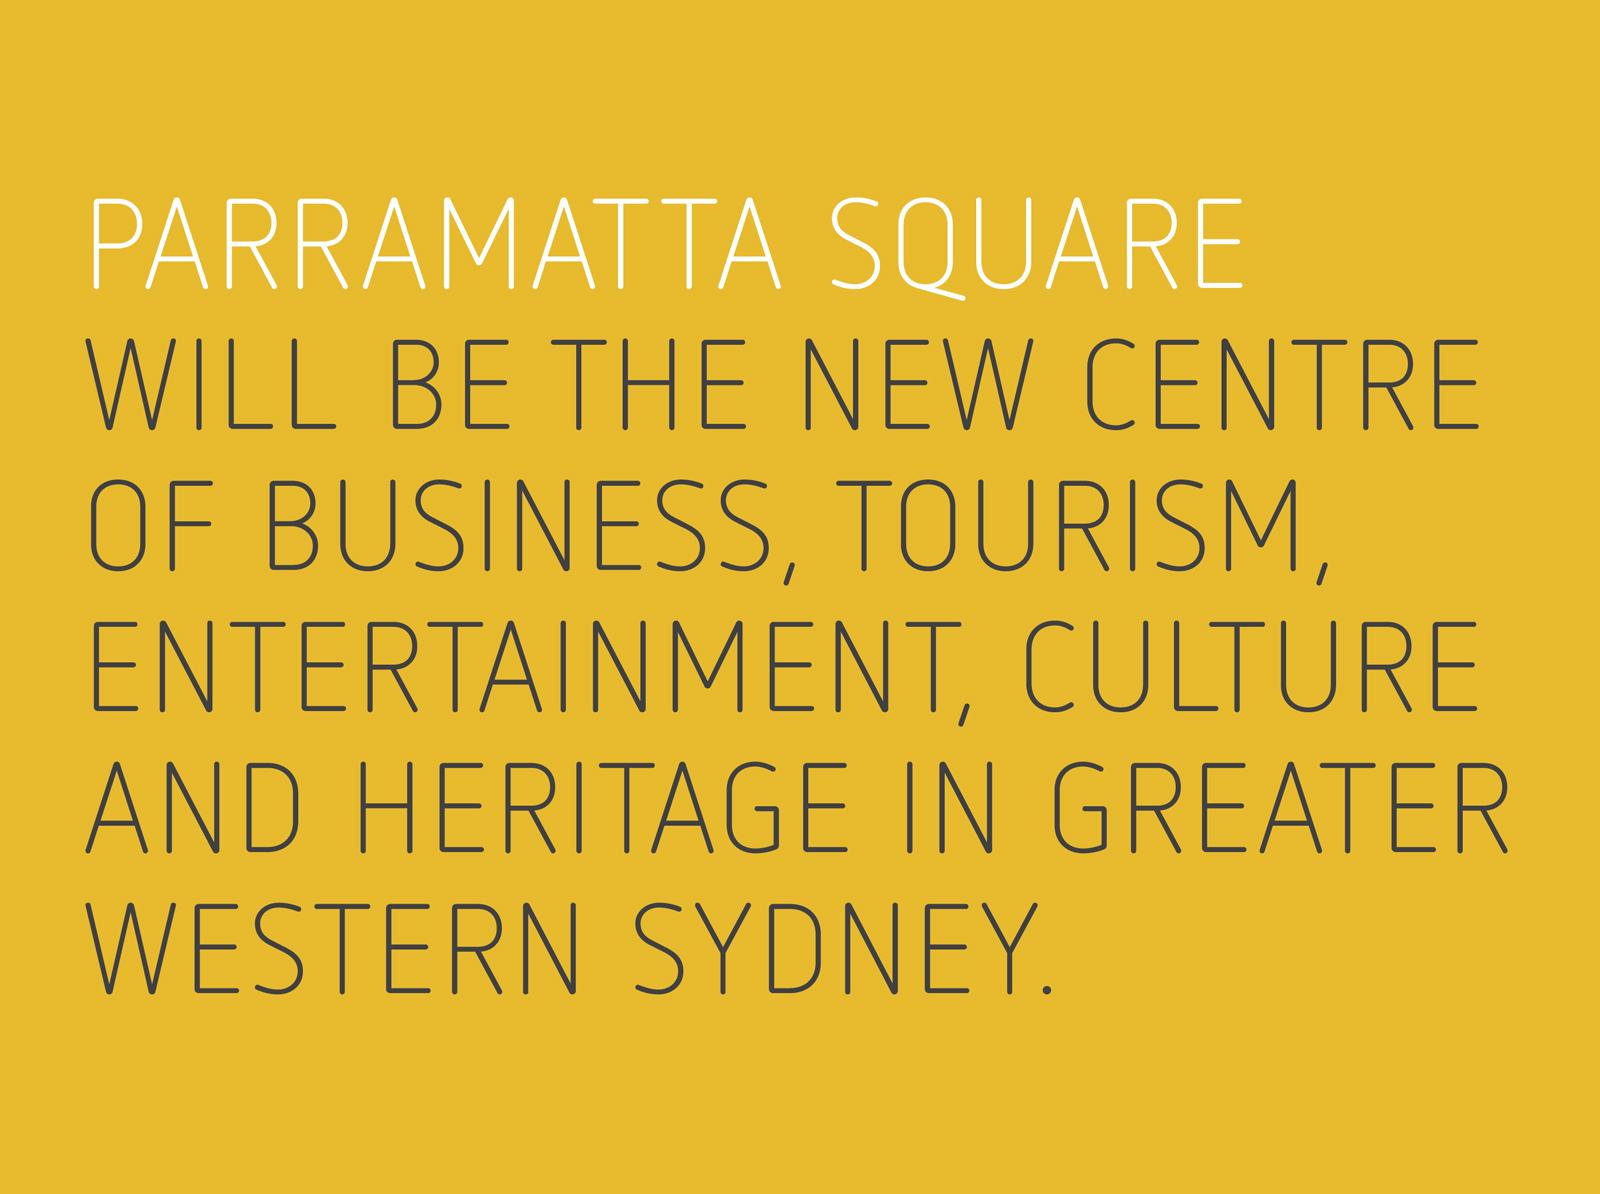 Matt_Johnson_Parramatta_02